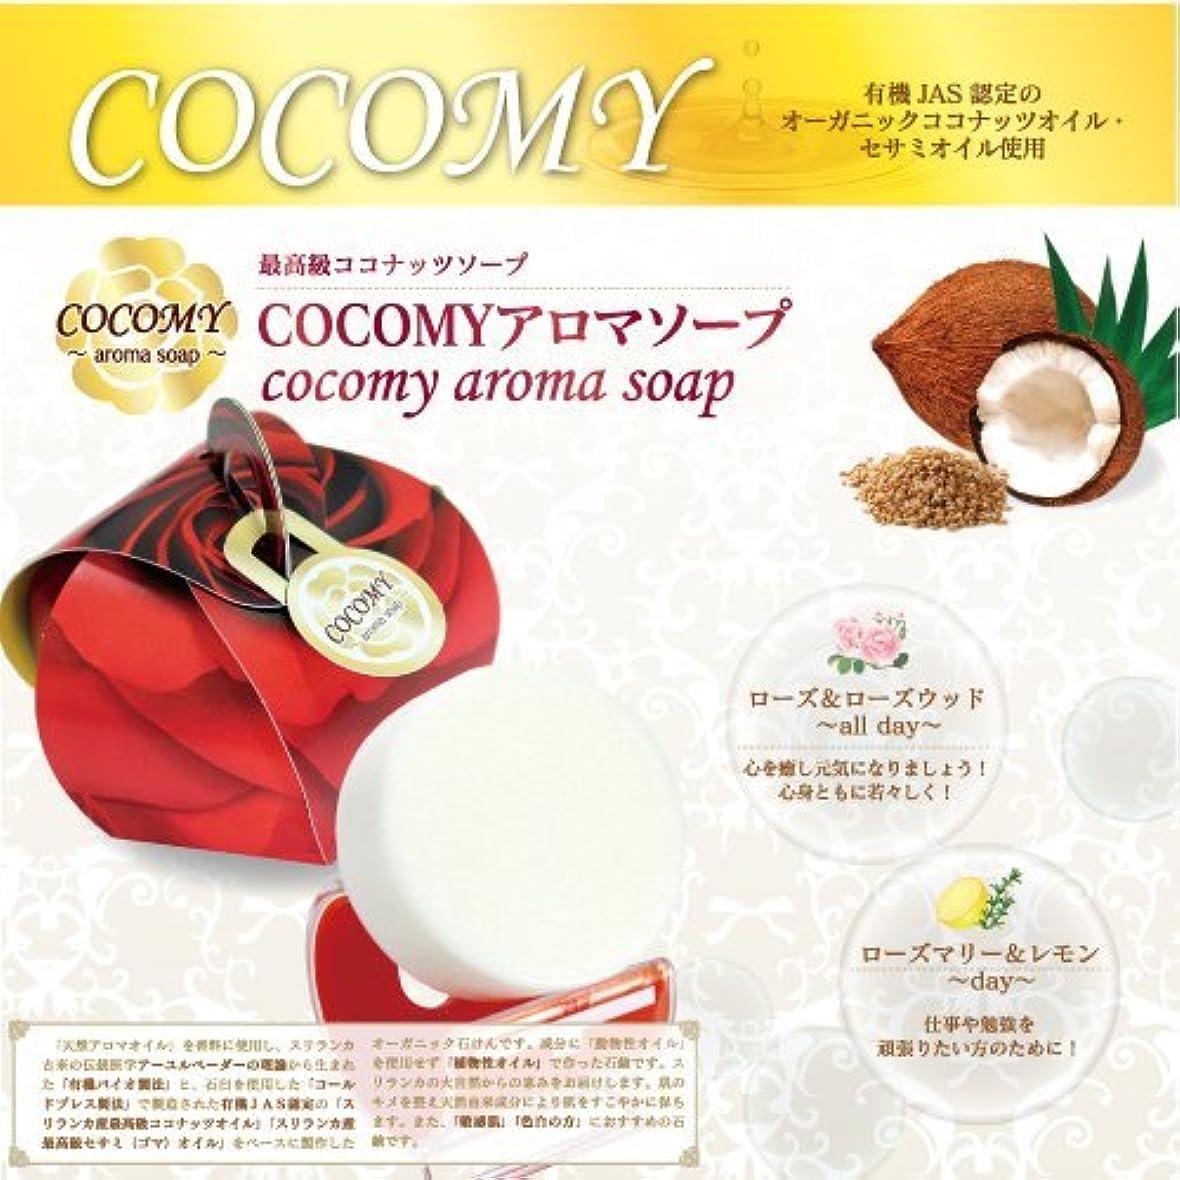 殺人者制限された機動COCOMY aromaソープ 4個セット (ローズマリー&レモン)(ローズ&ローズウッド) 40g×各2